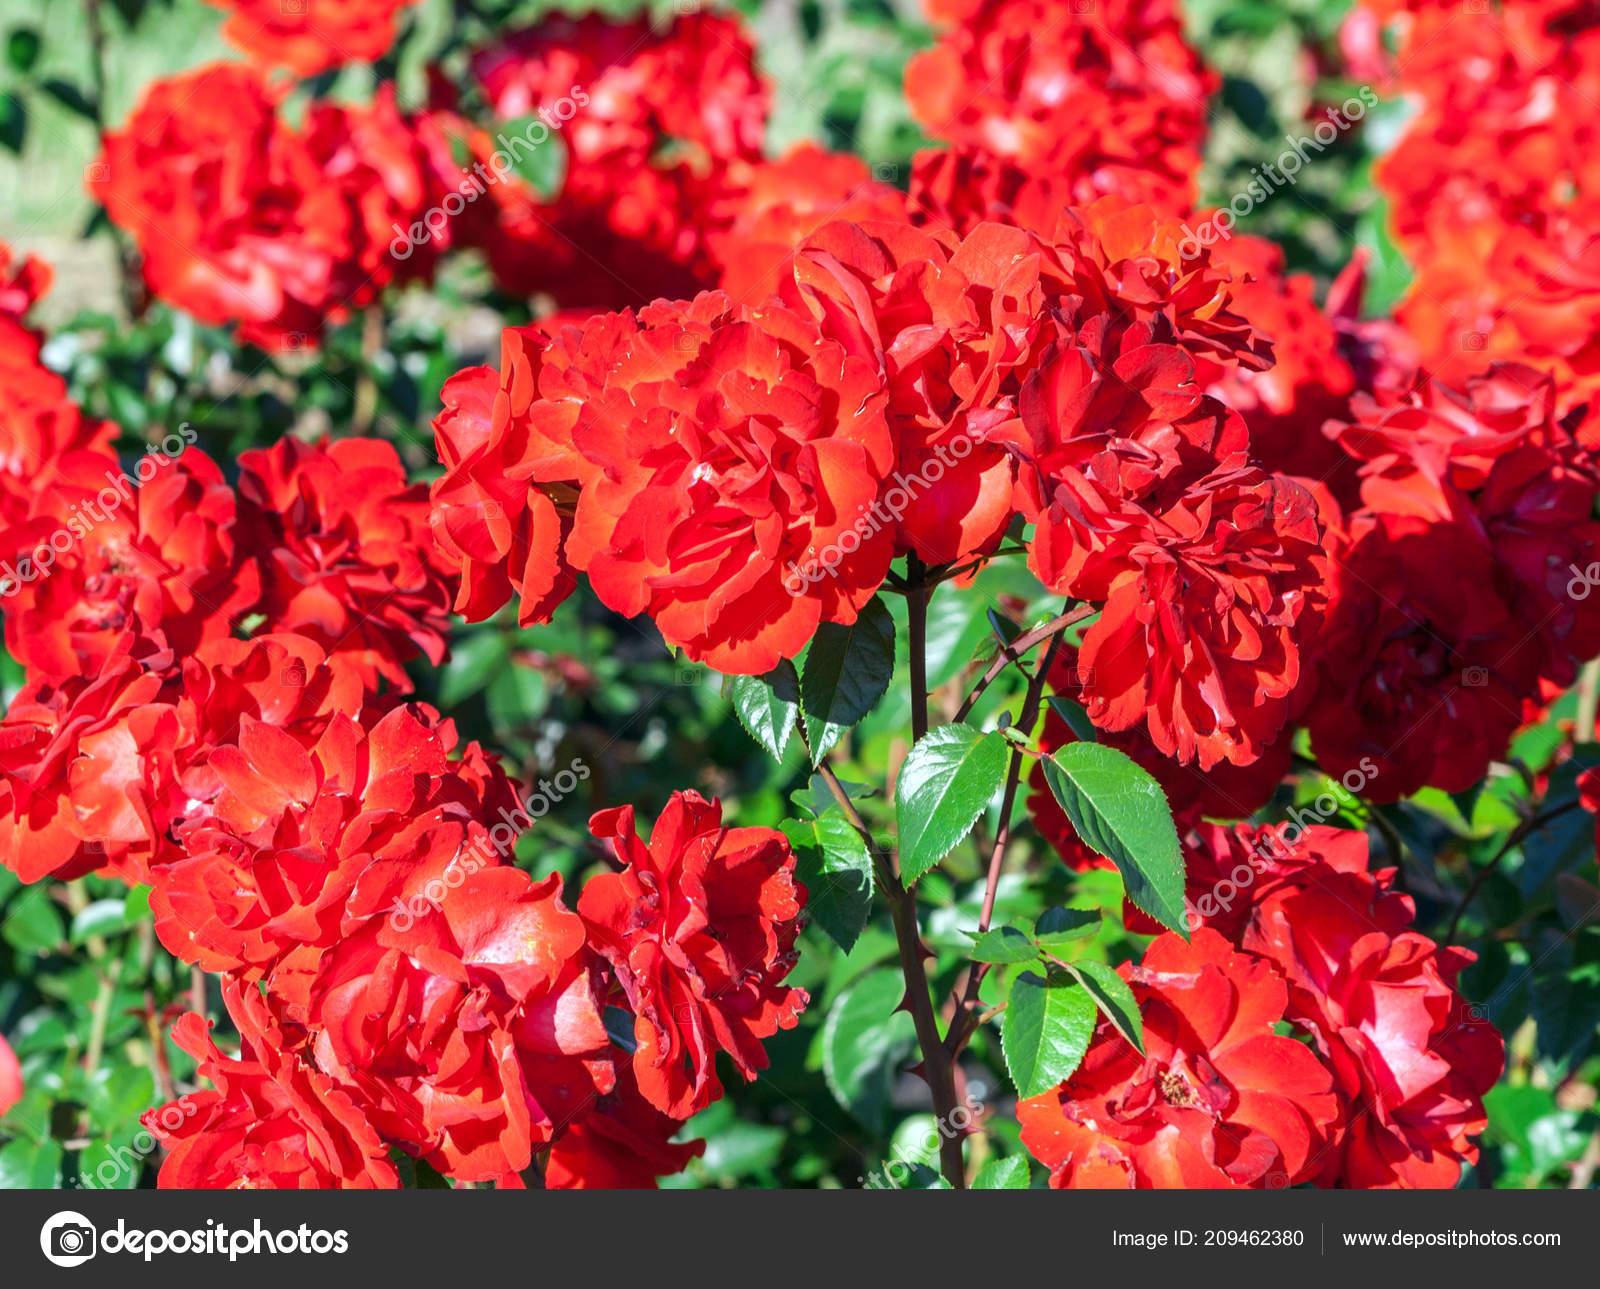 Rose Grade Domstadt Fulda Flowers Roses Dark Red White Streaks